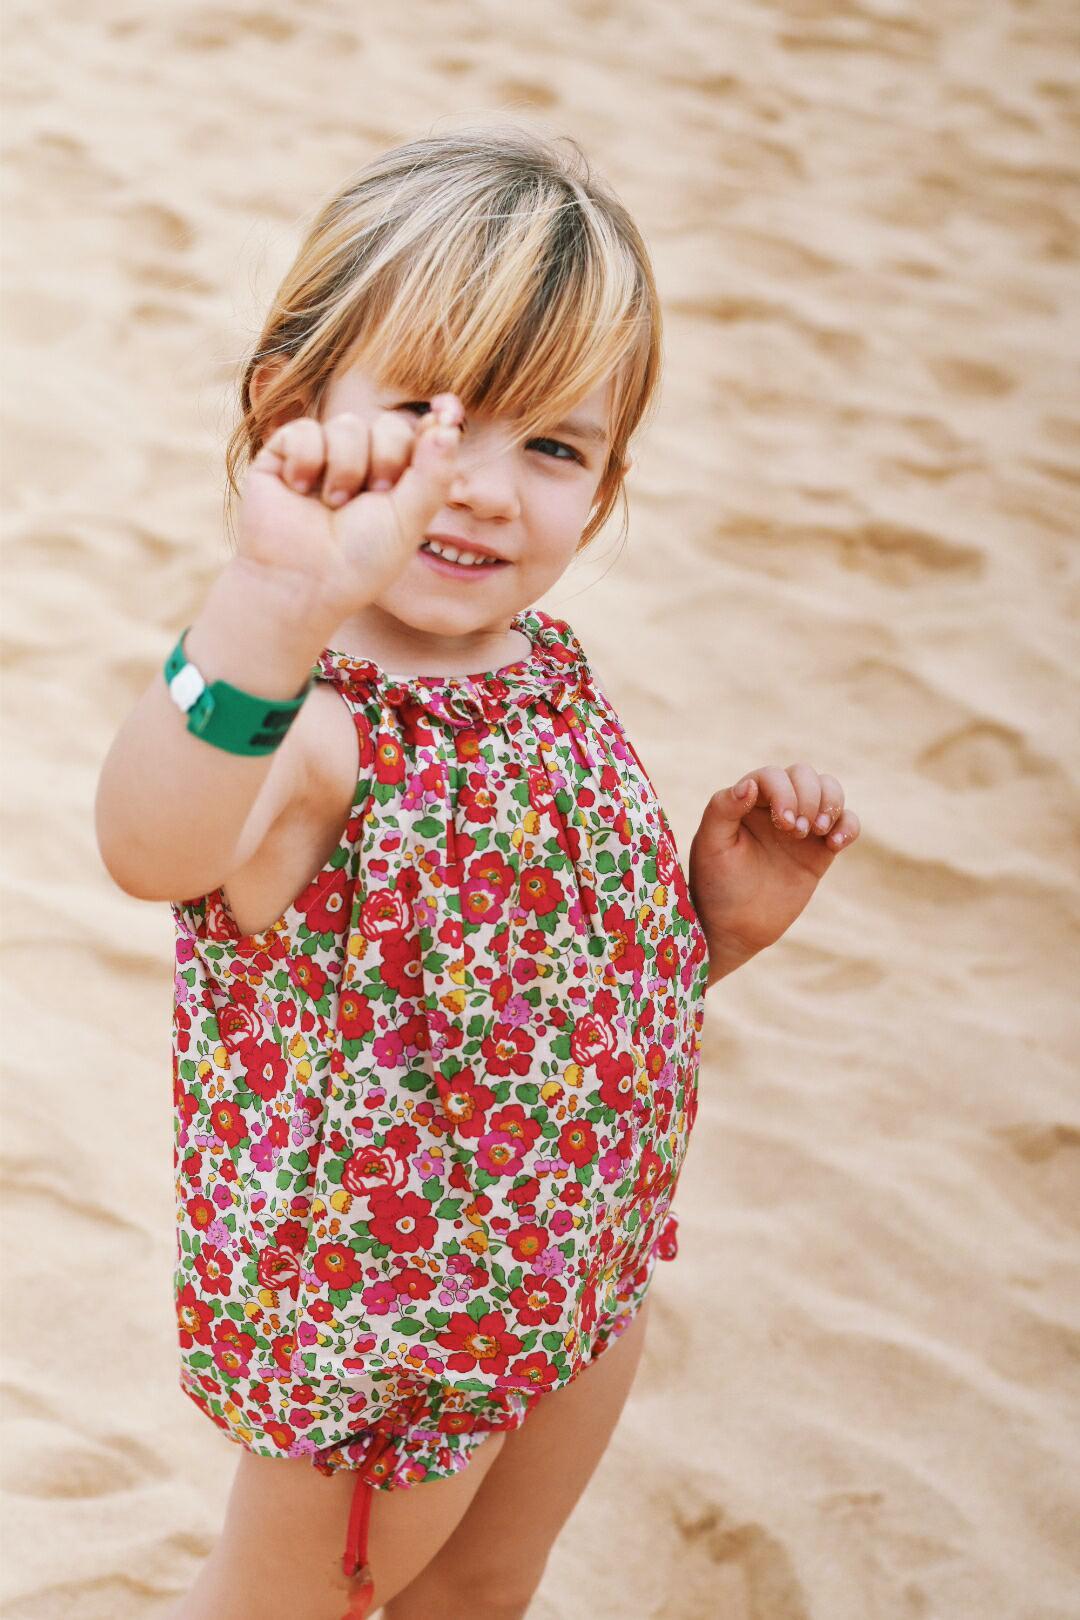 Vacanze con bambini capo verde sal ninakina for Vacanze con bambini